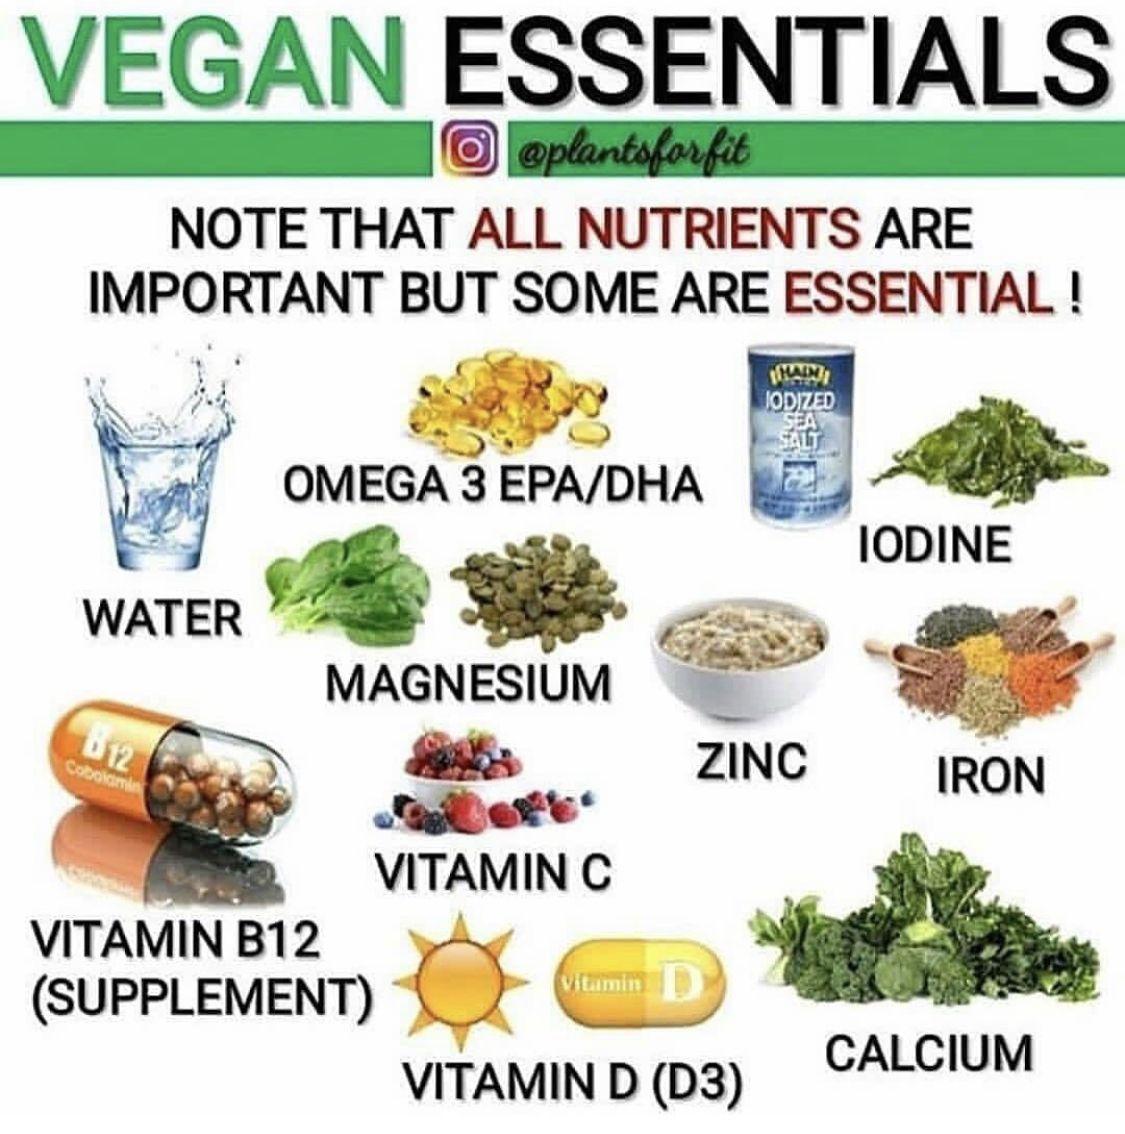 Pin By Svetlana Morgun On Vegan Resources In 2020 Vegan Essentials Calcium Vitamins Vegan